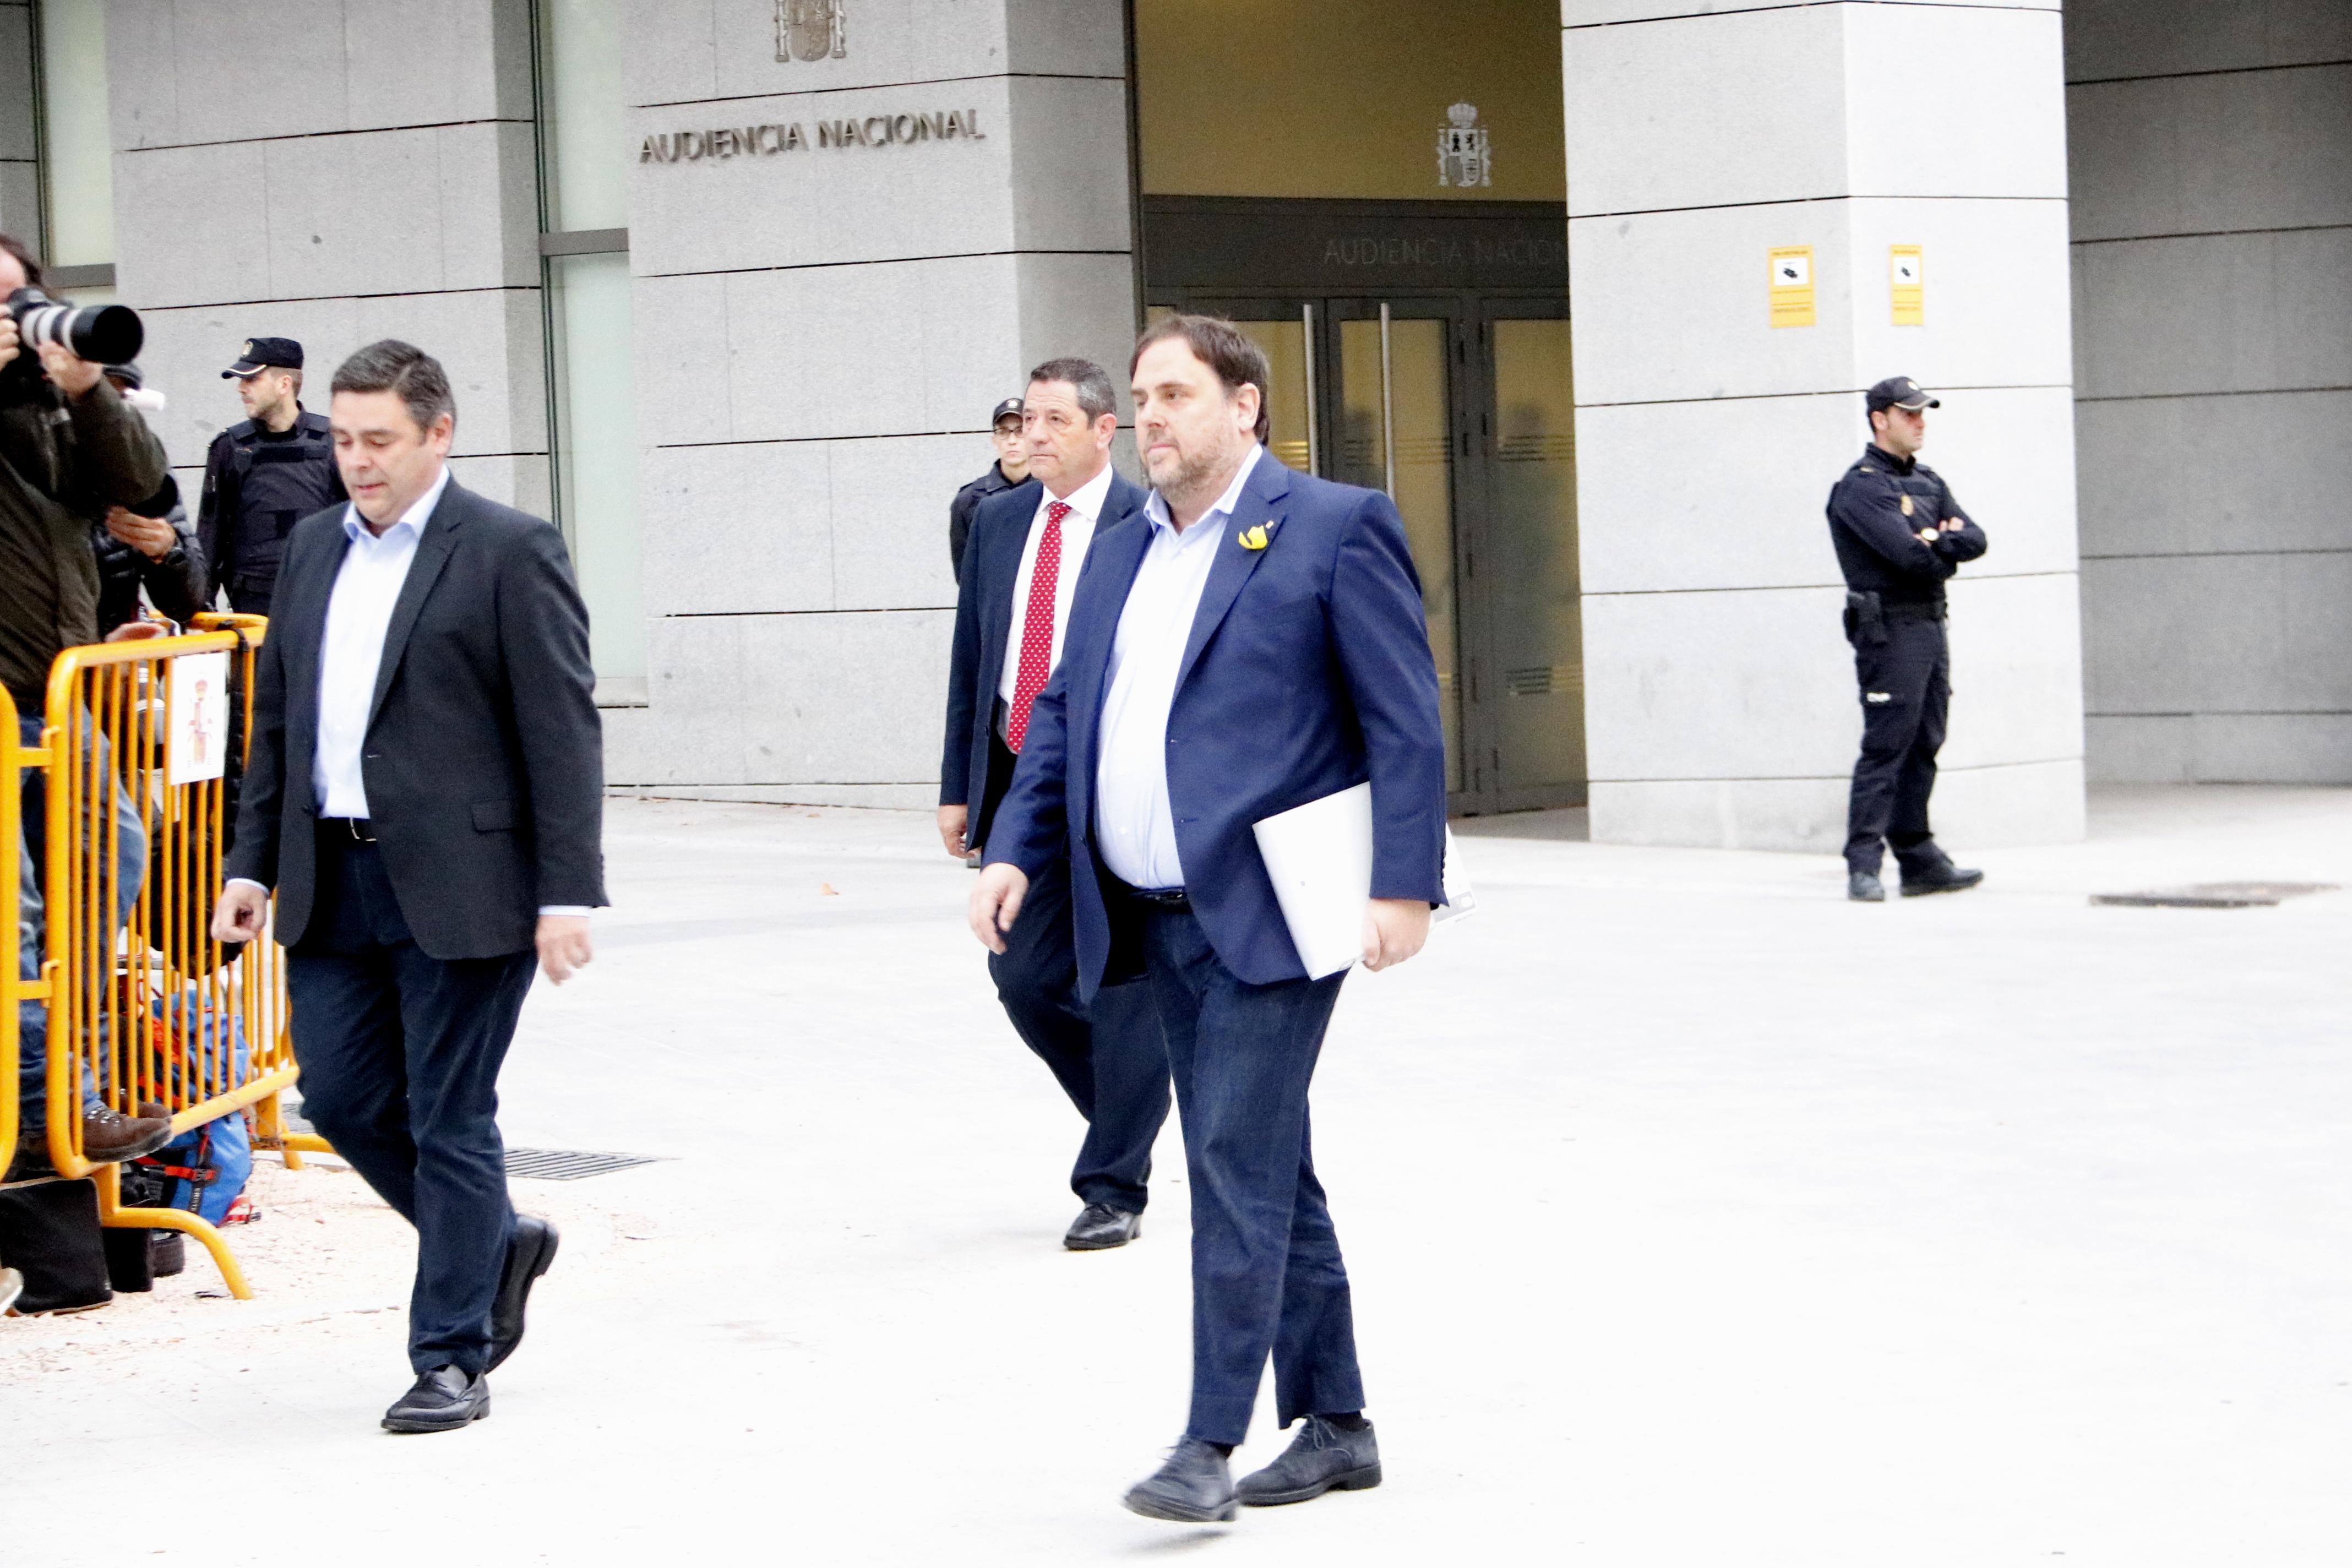 La Fiscalia demana presó incondicional per a tots els consellers destituïts i eludible amb fiança per a Santi Vila